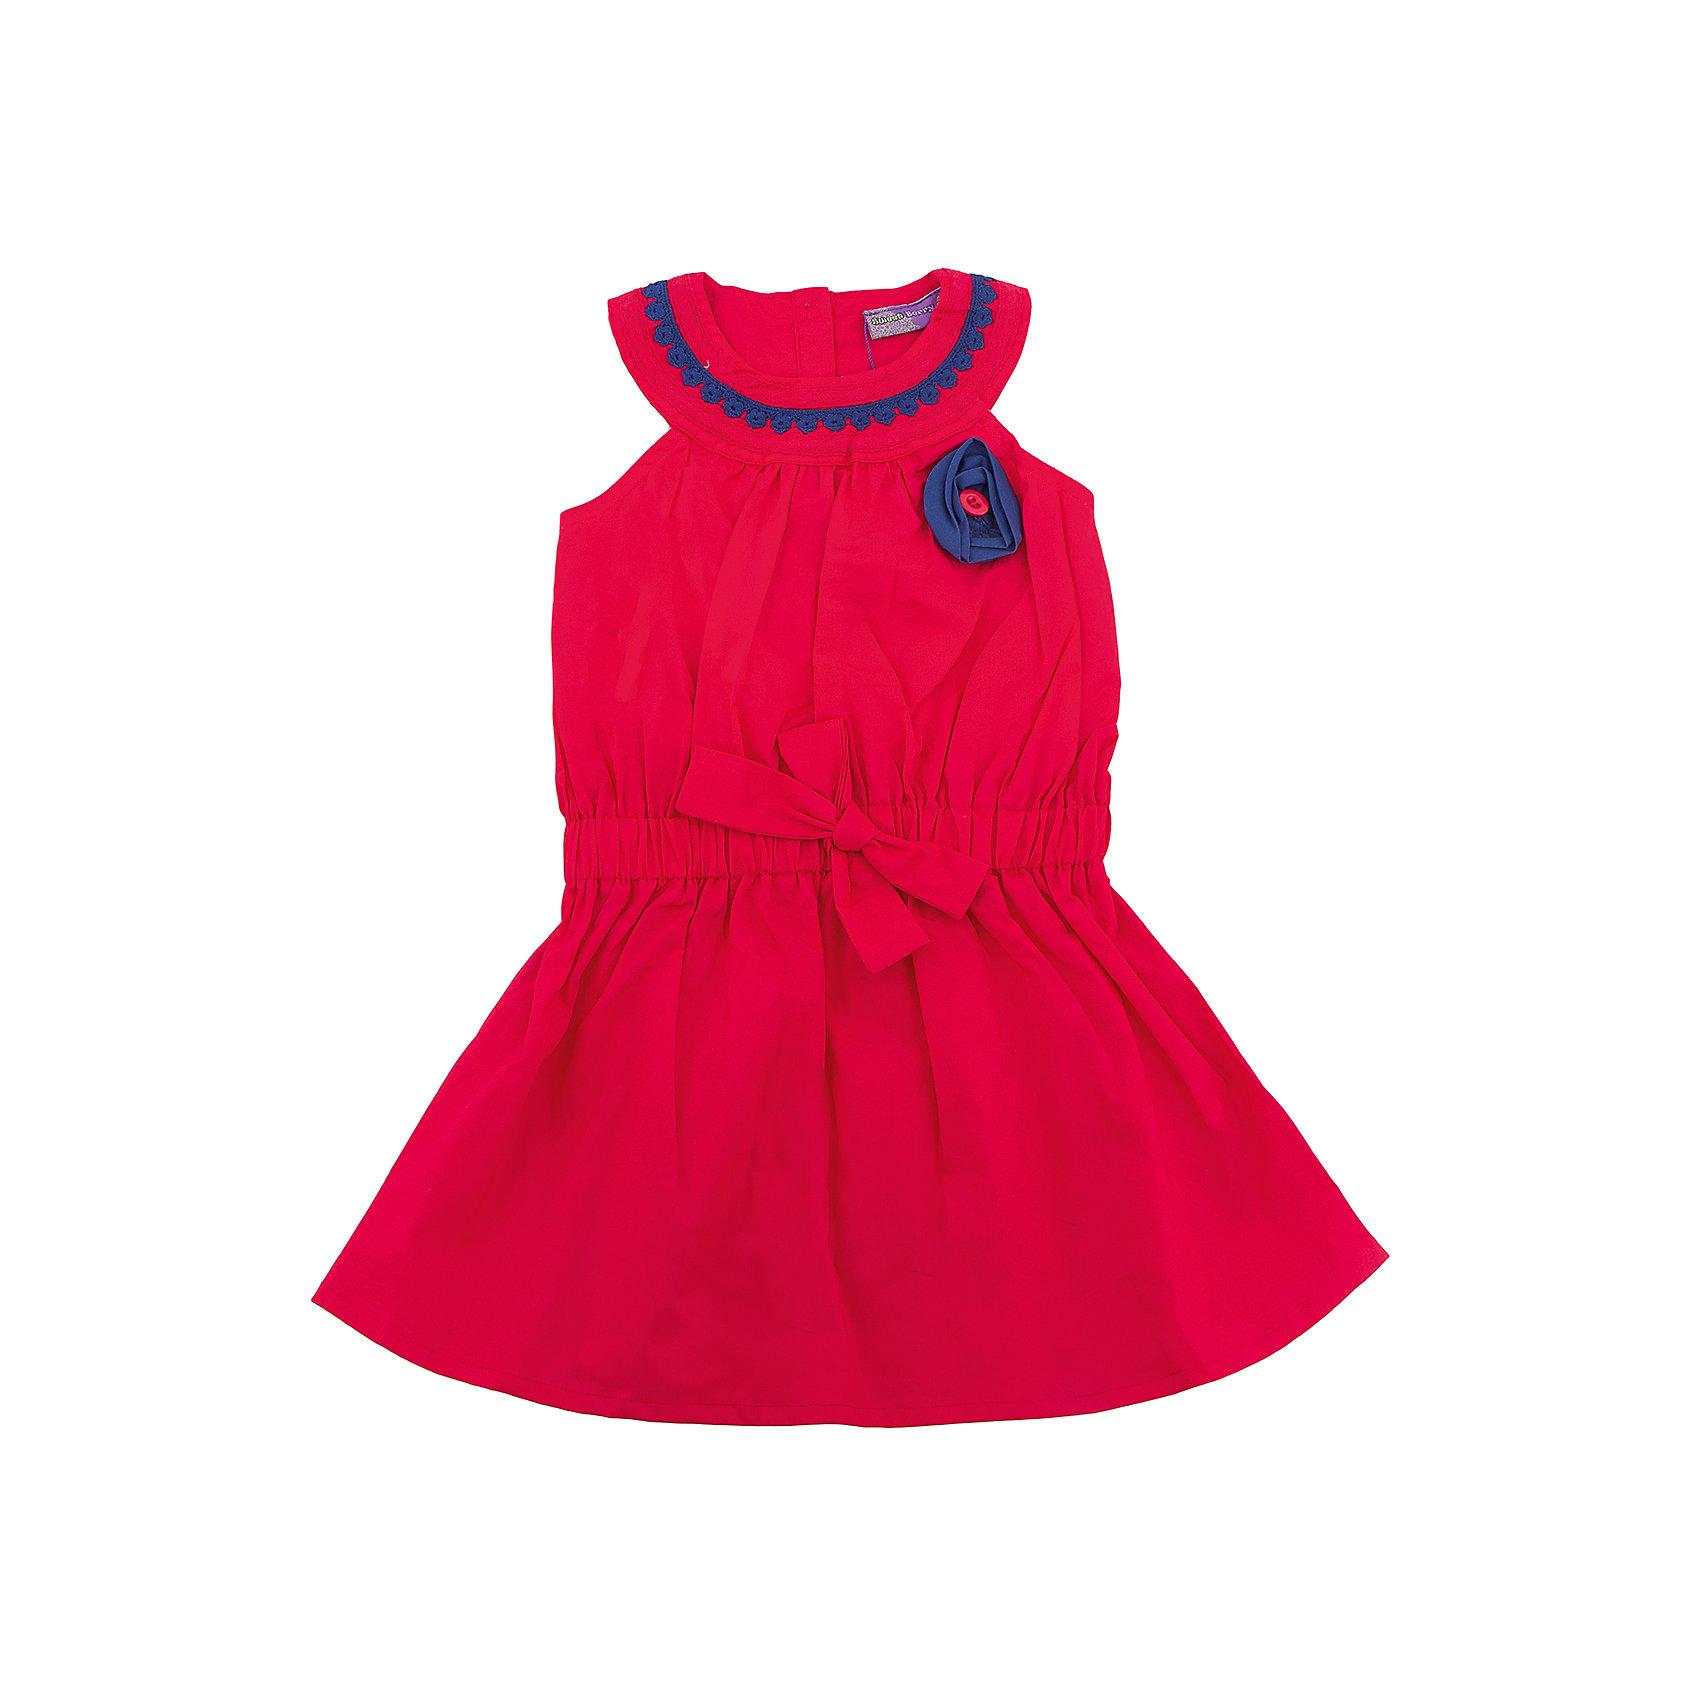 Платье для девочки Sweet BerryПлатья и сарафаны<br>Стильное яркое платье для девочки без рукавов. Декорировано контрастным кружевом по горловине изделия. Талия присборена поясом. Застежка на пуговичках на спинке.<br>Состав:<br>100% хлопок<br><br>Ширина мм: 236<br>Глубина мм: 16<br>Высота мм: 184<br>Вес г: 177<br>Цвет: красный<br>Возраст от месяцев: 36<br>Возраст до месяцев: 48<br>Пол: Женский<br>Возраст: Детский<br>Размер: 104,98,110,116,122,128<br>SKU: 5412004